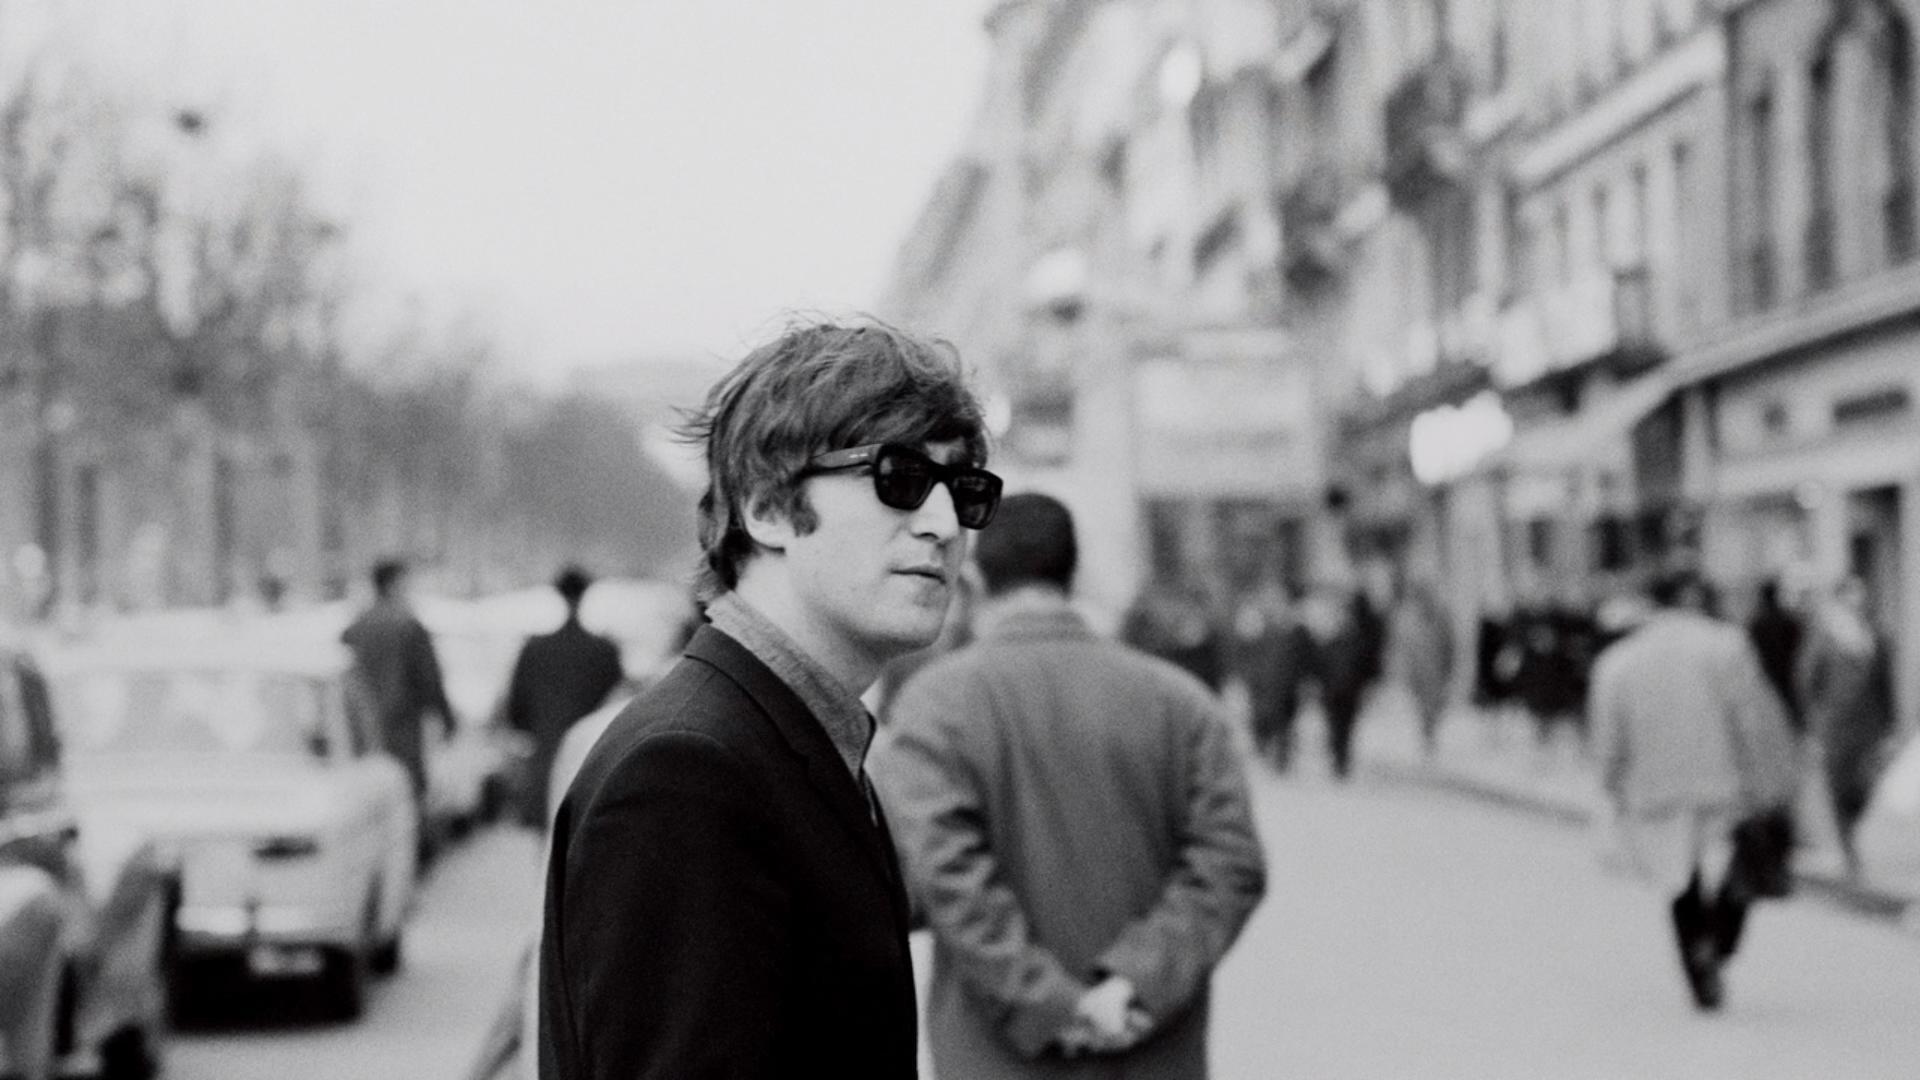 John Lennon full hd wallpaper for laptop